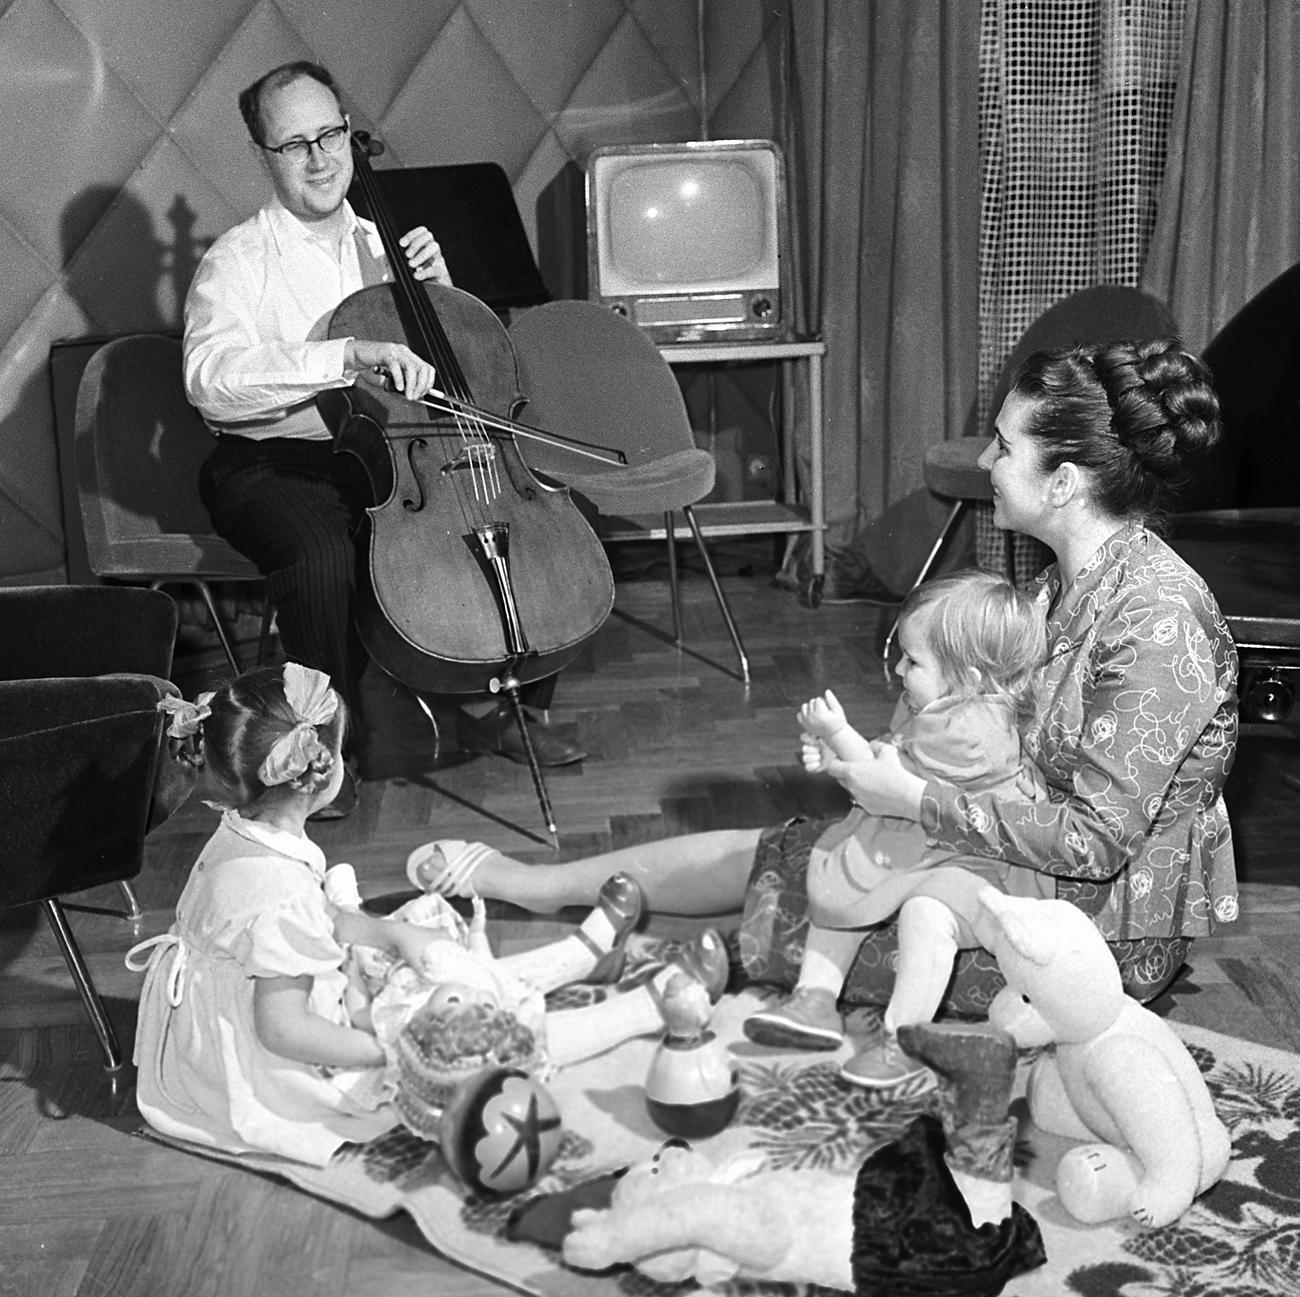 ガリーナ・ヴィシネフスカヤ、ムスチスラフ・ロストロポーヴィチと娘たち=ショロモビチ/ロシア通信